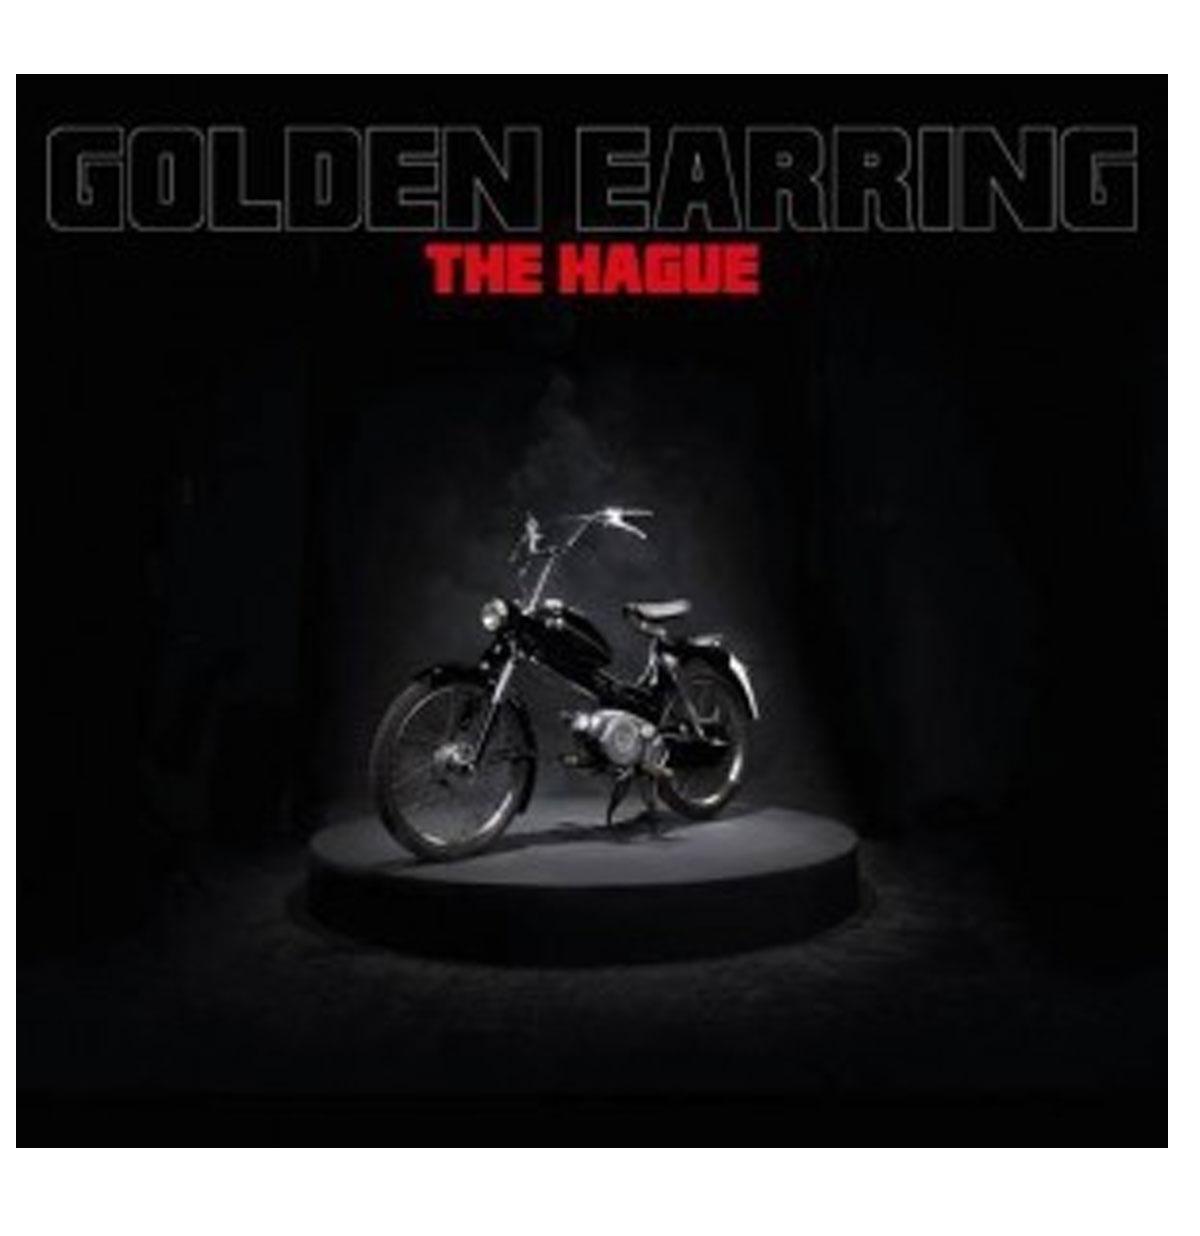 Golden Earring - The Hague CD